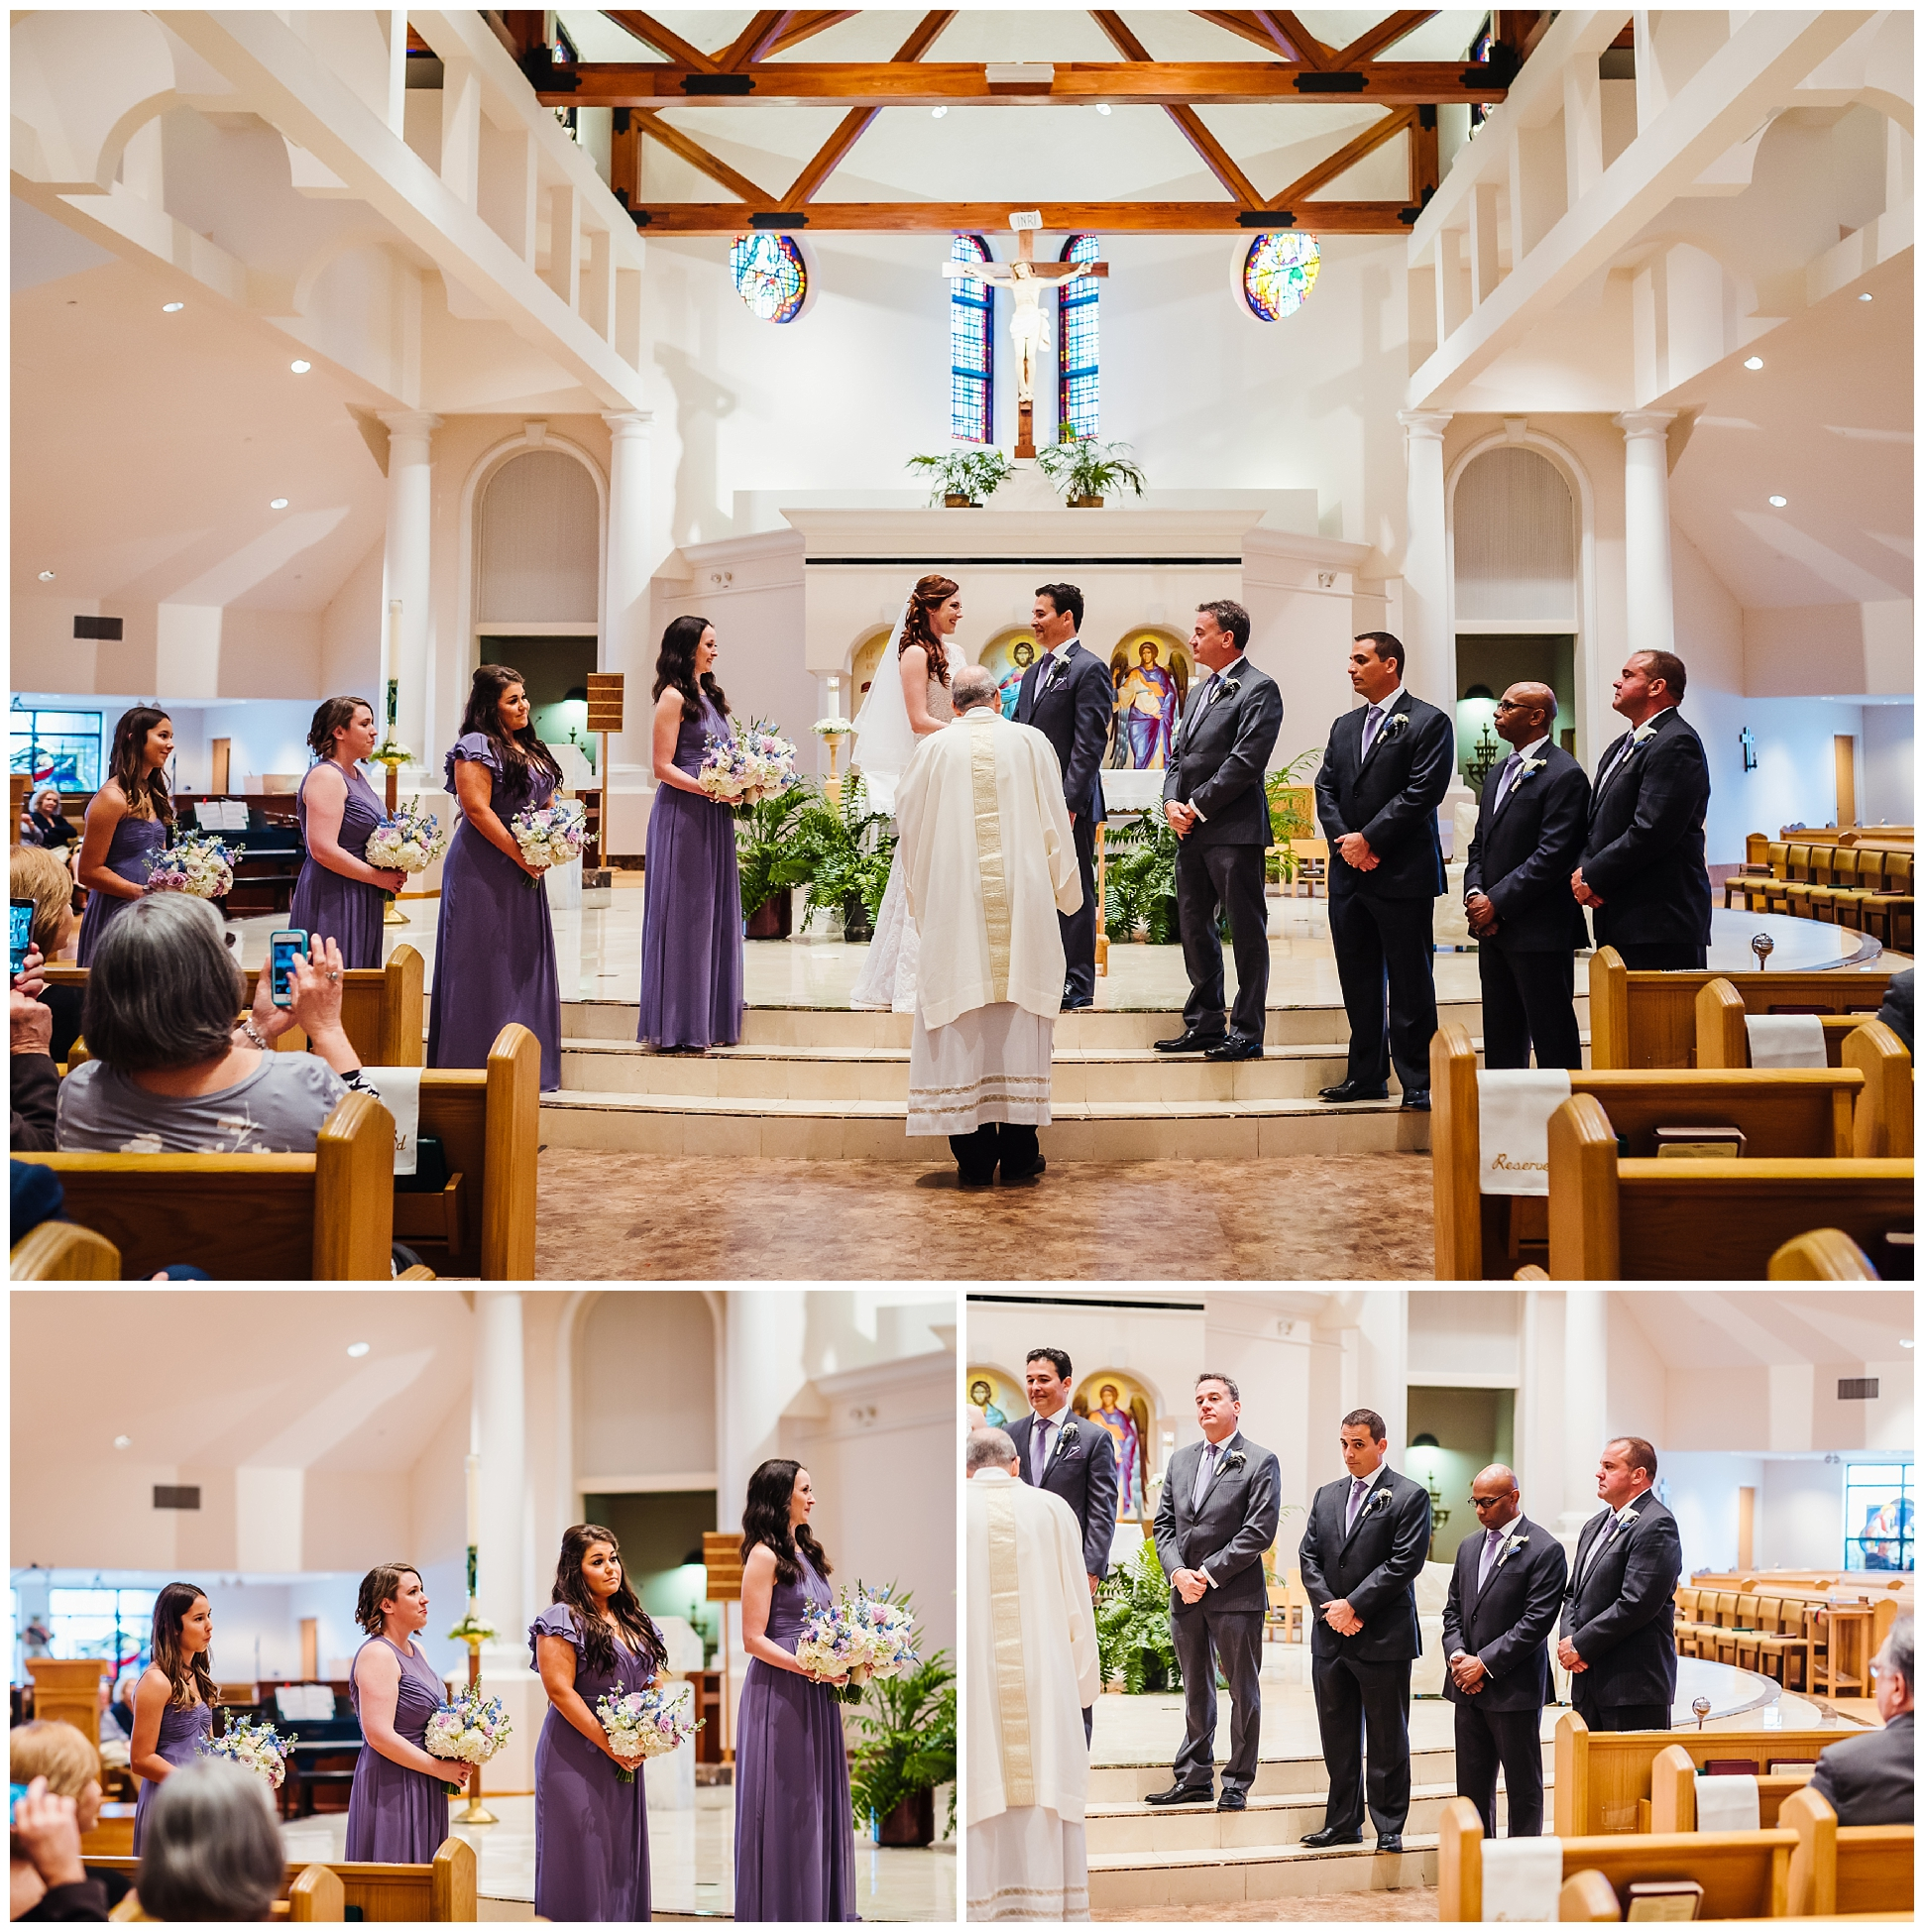 st-pete-wedding-photographer-nova-535-murals-downtown-lavendar_0023.jpg